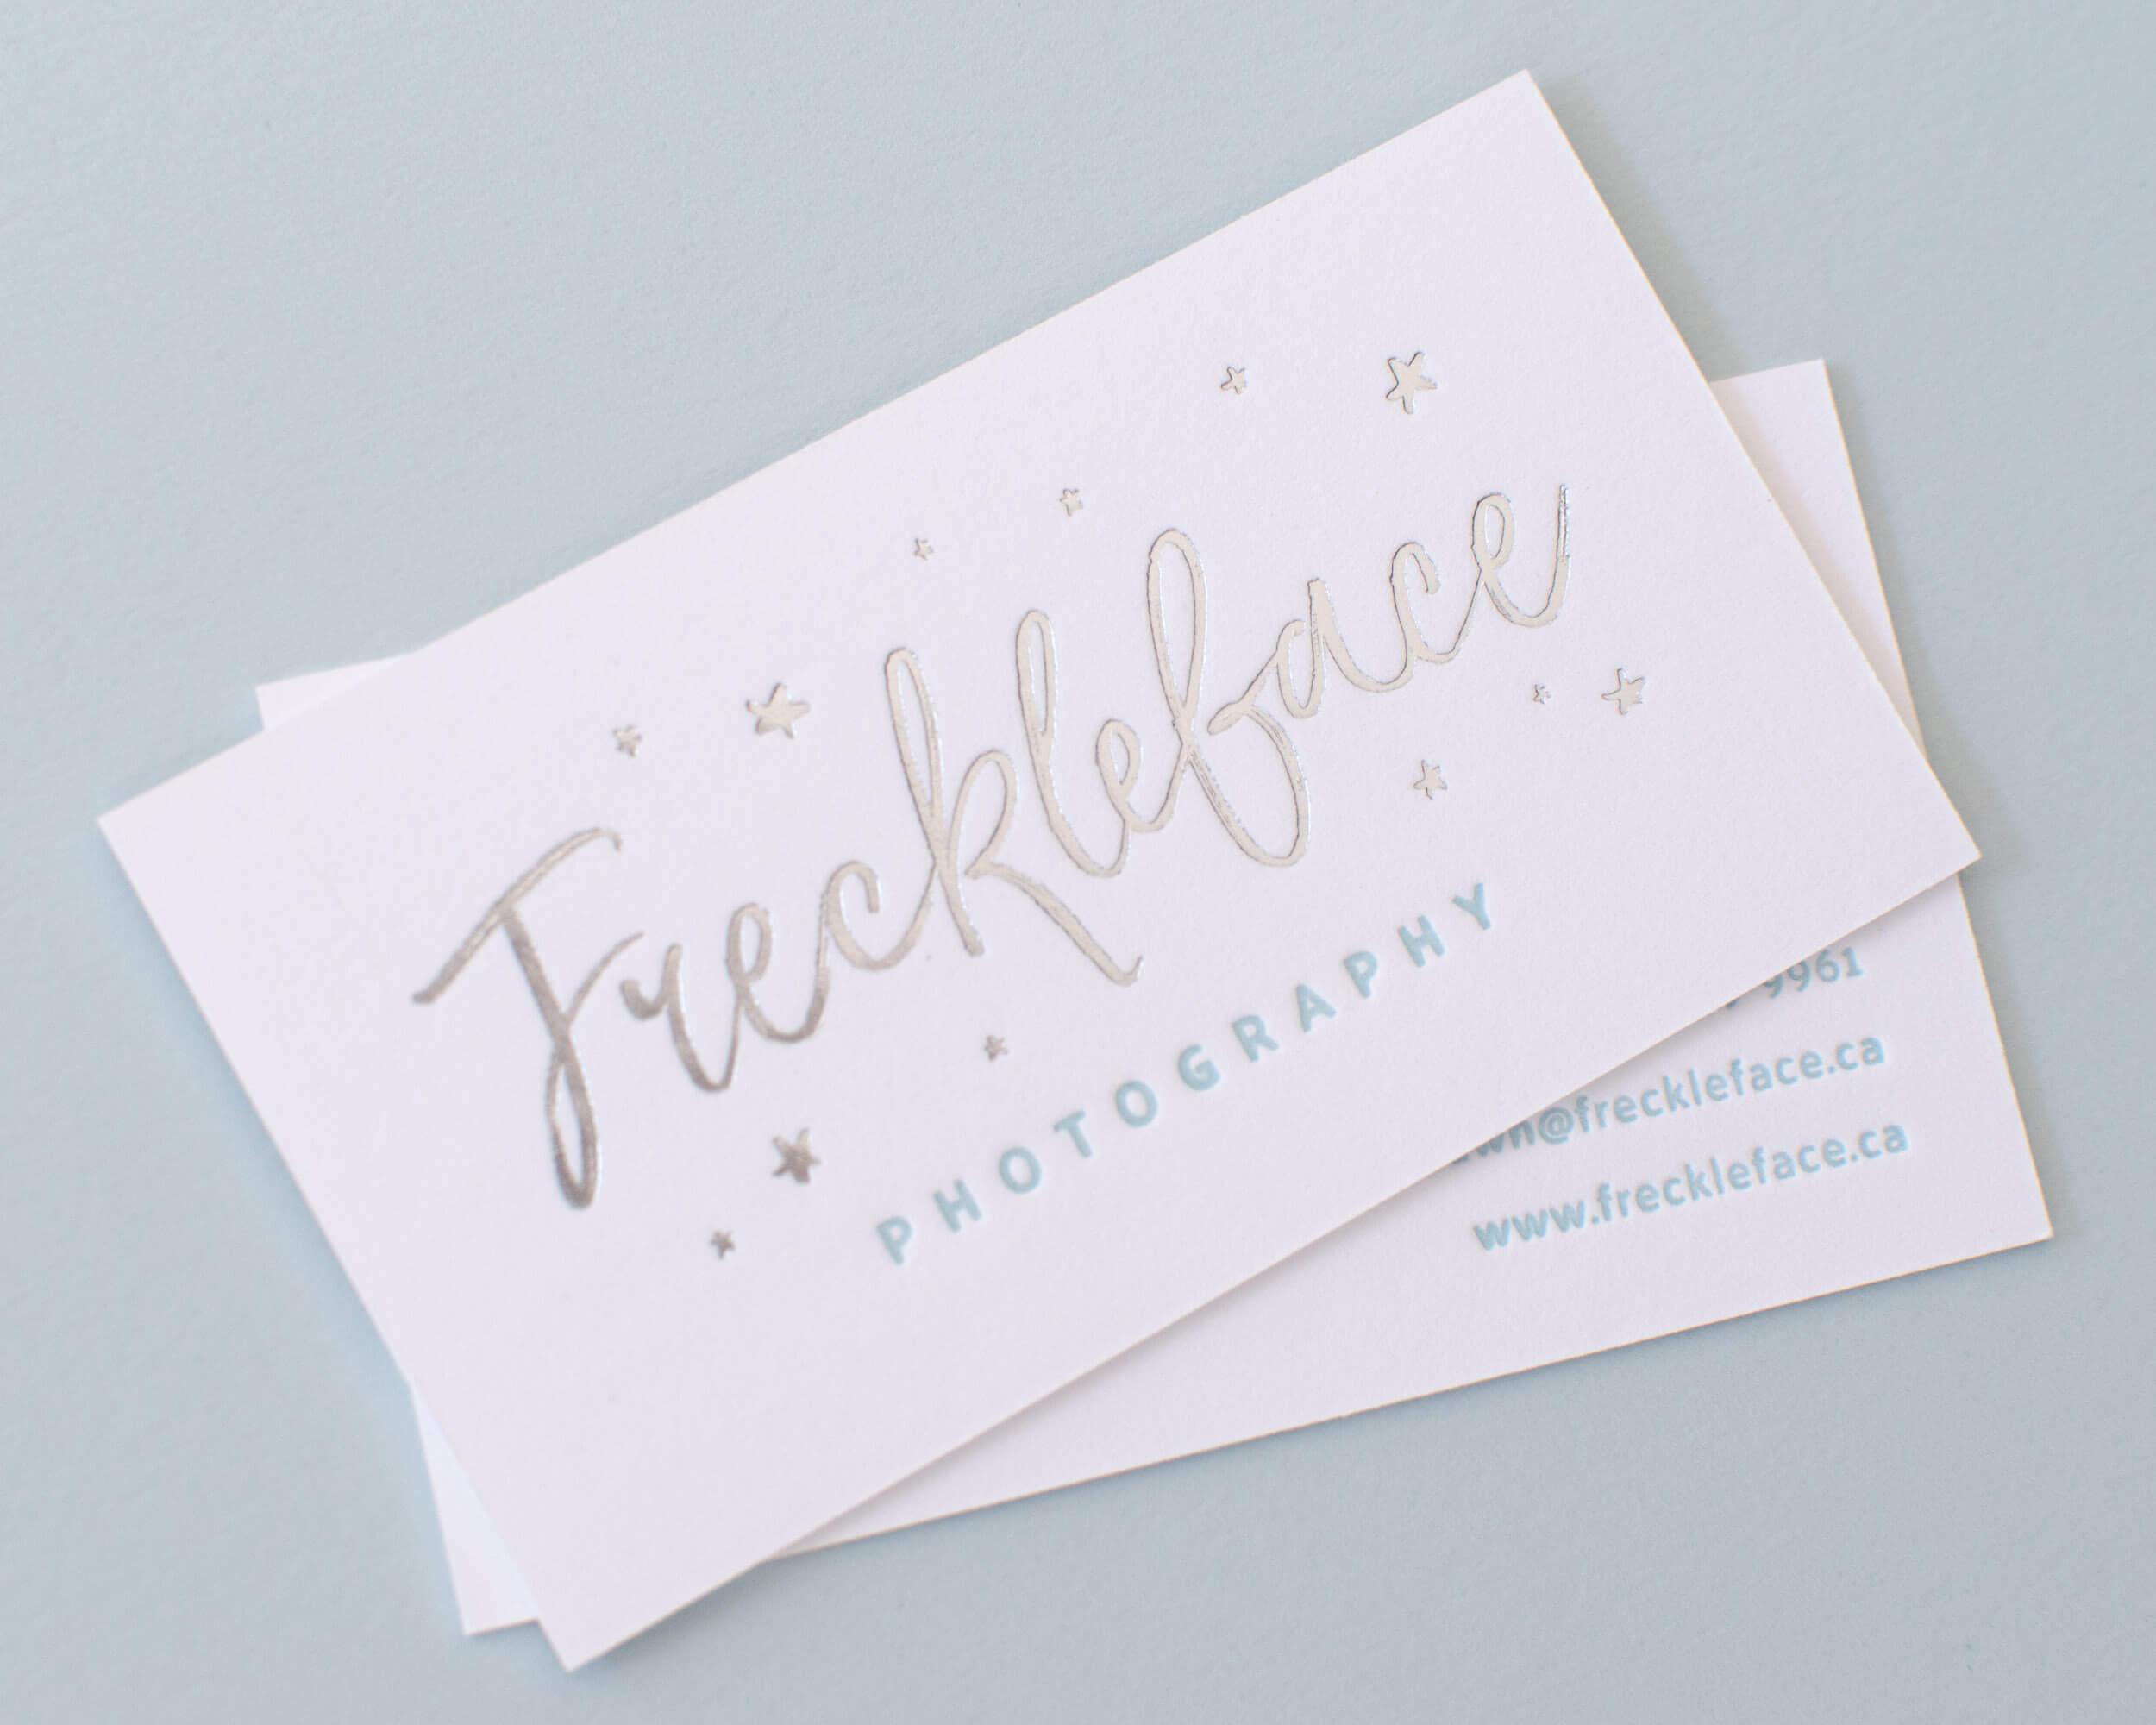 freckleface-businesscards-letterpress-foil.jpg